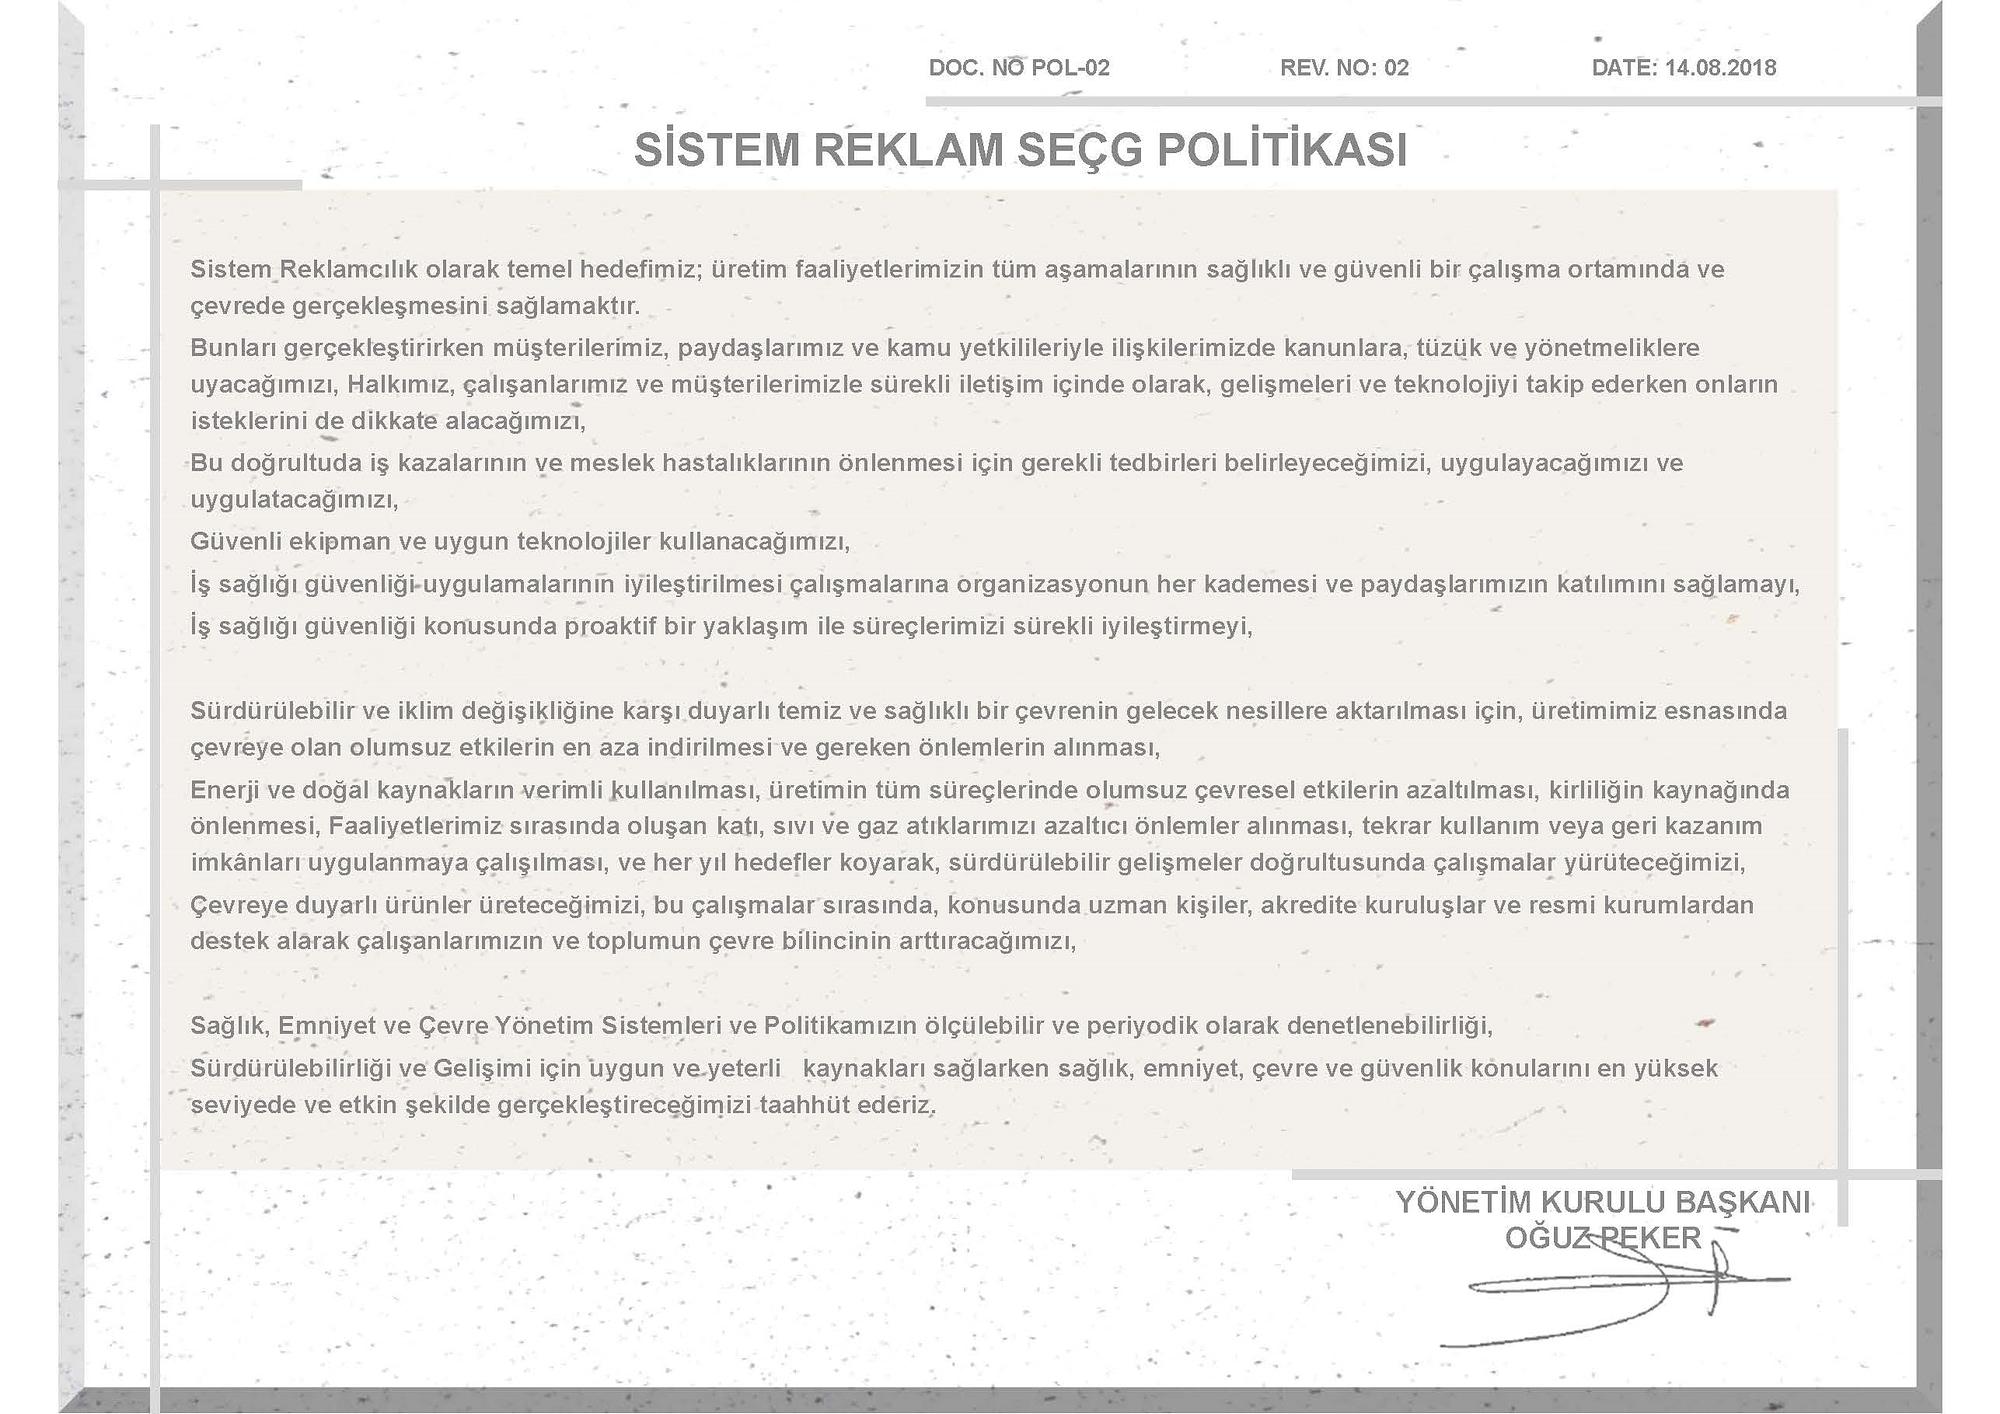 secg-politikasi